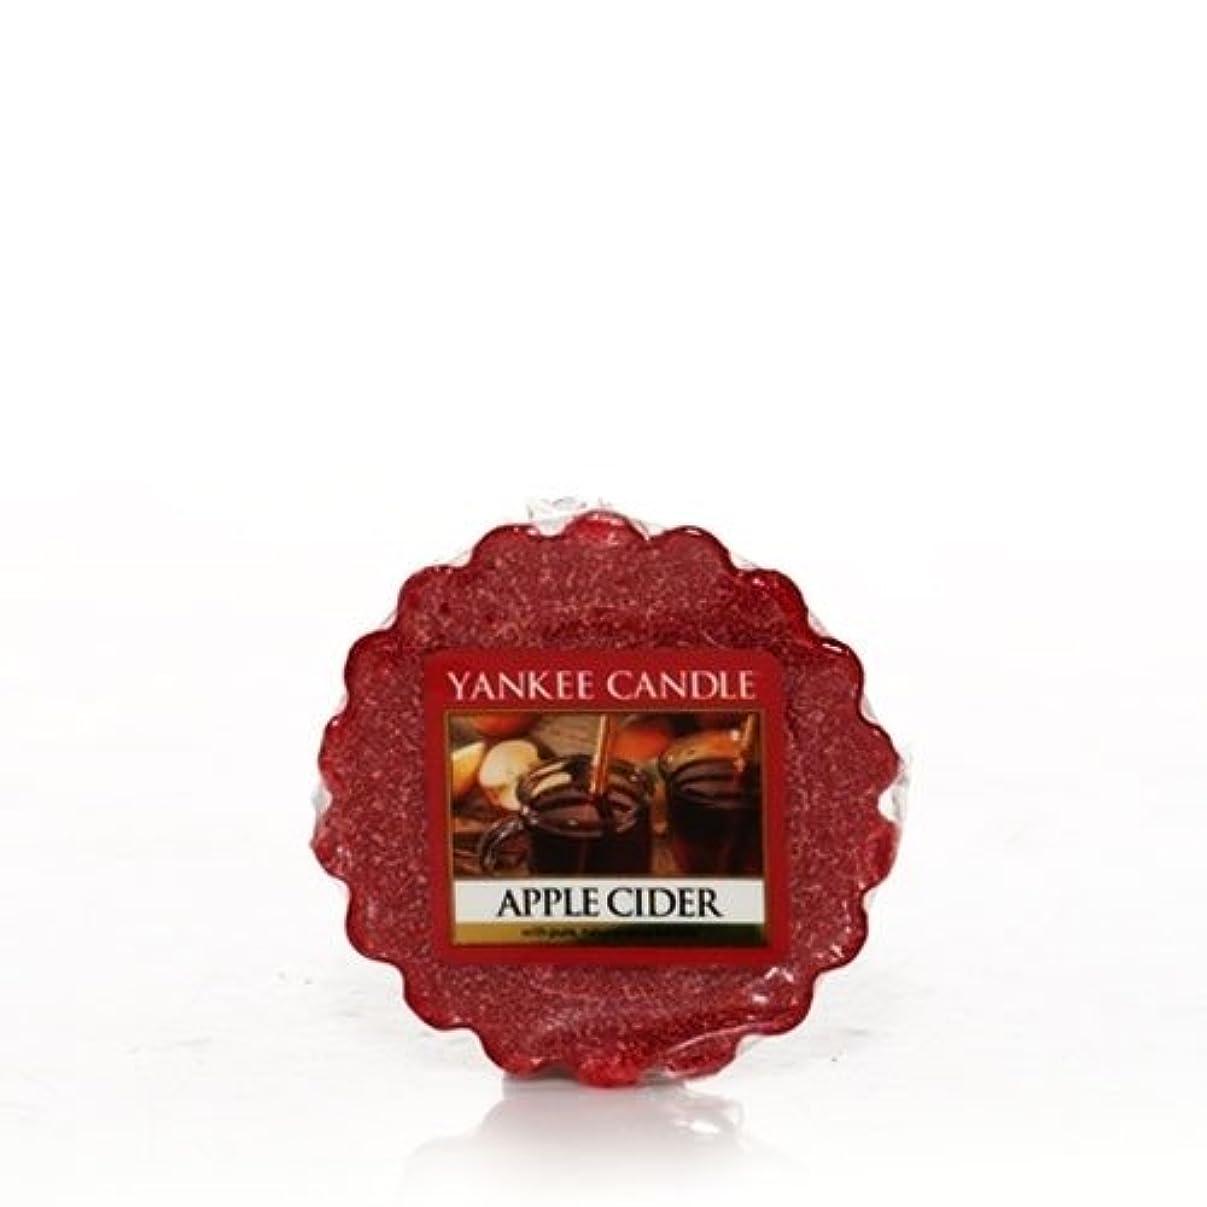 乳製品ブランク飢えたYankee Candle Apple Cider, Food & Spice香り Tarts wax melts 1187886-YC